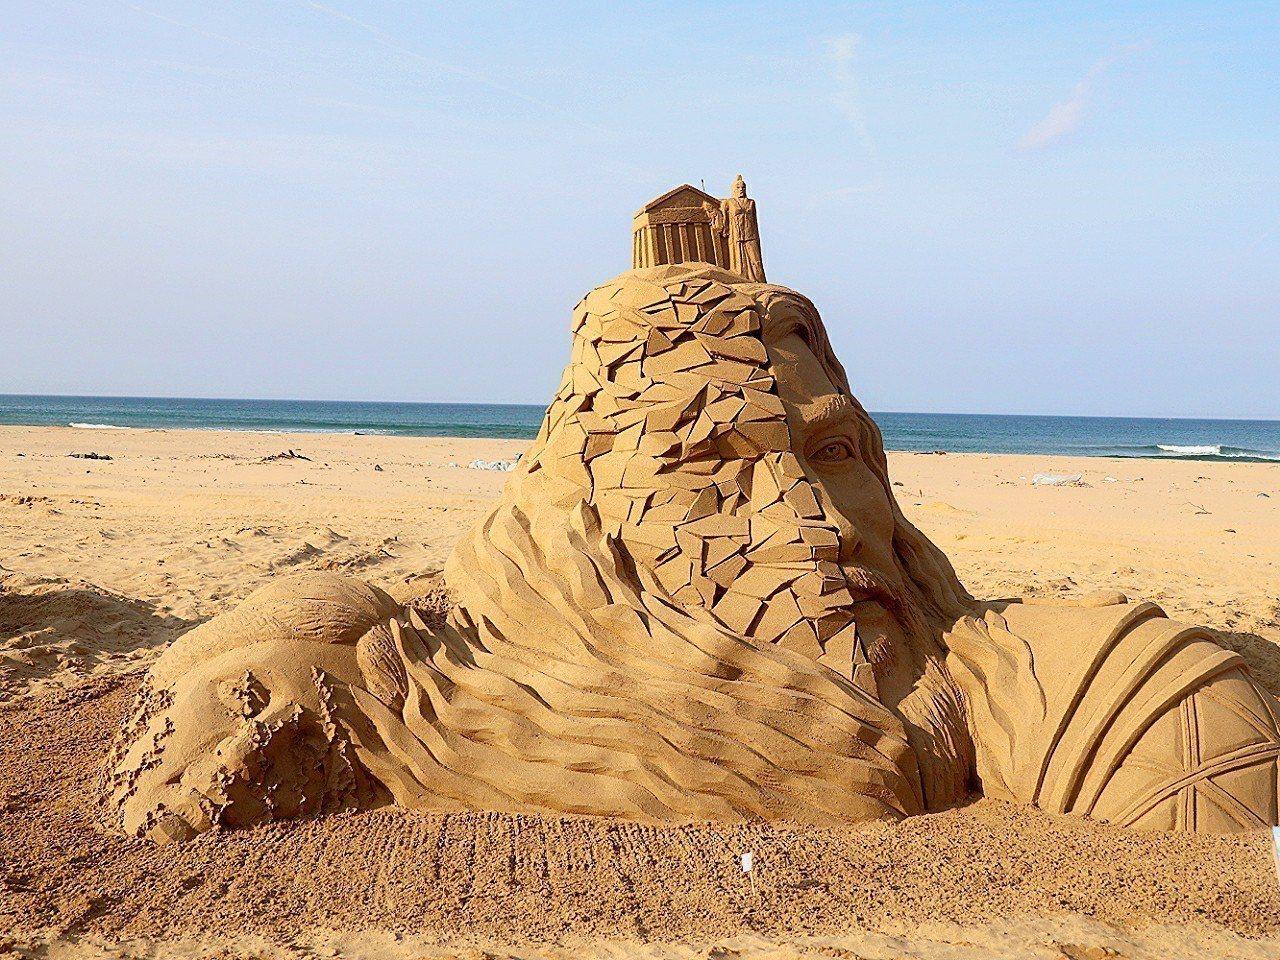 國際沙雕賽第一名,由來自中國的劉洋作品「涅槃」奪冠。圖/東北角管理處提供